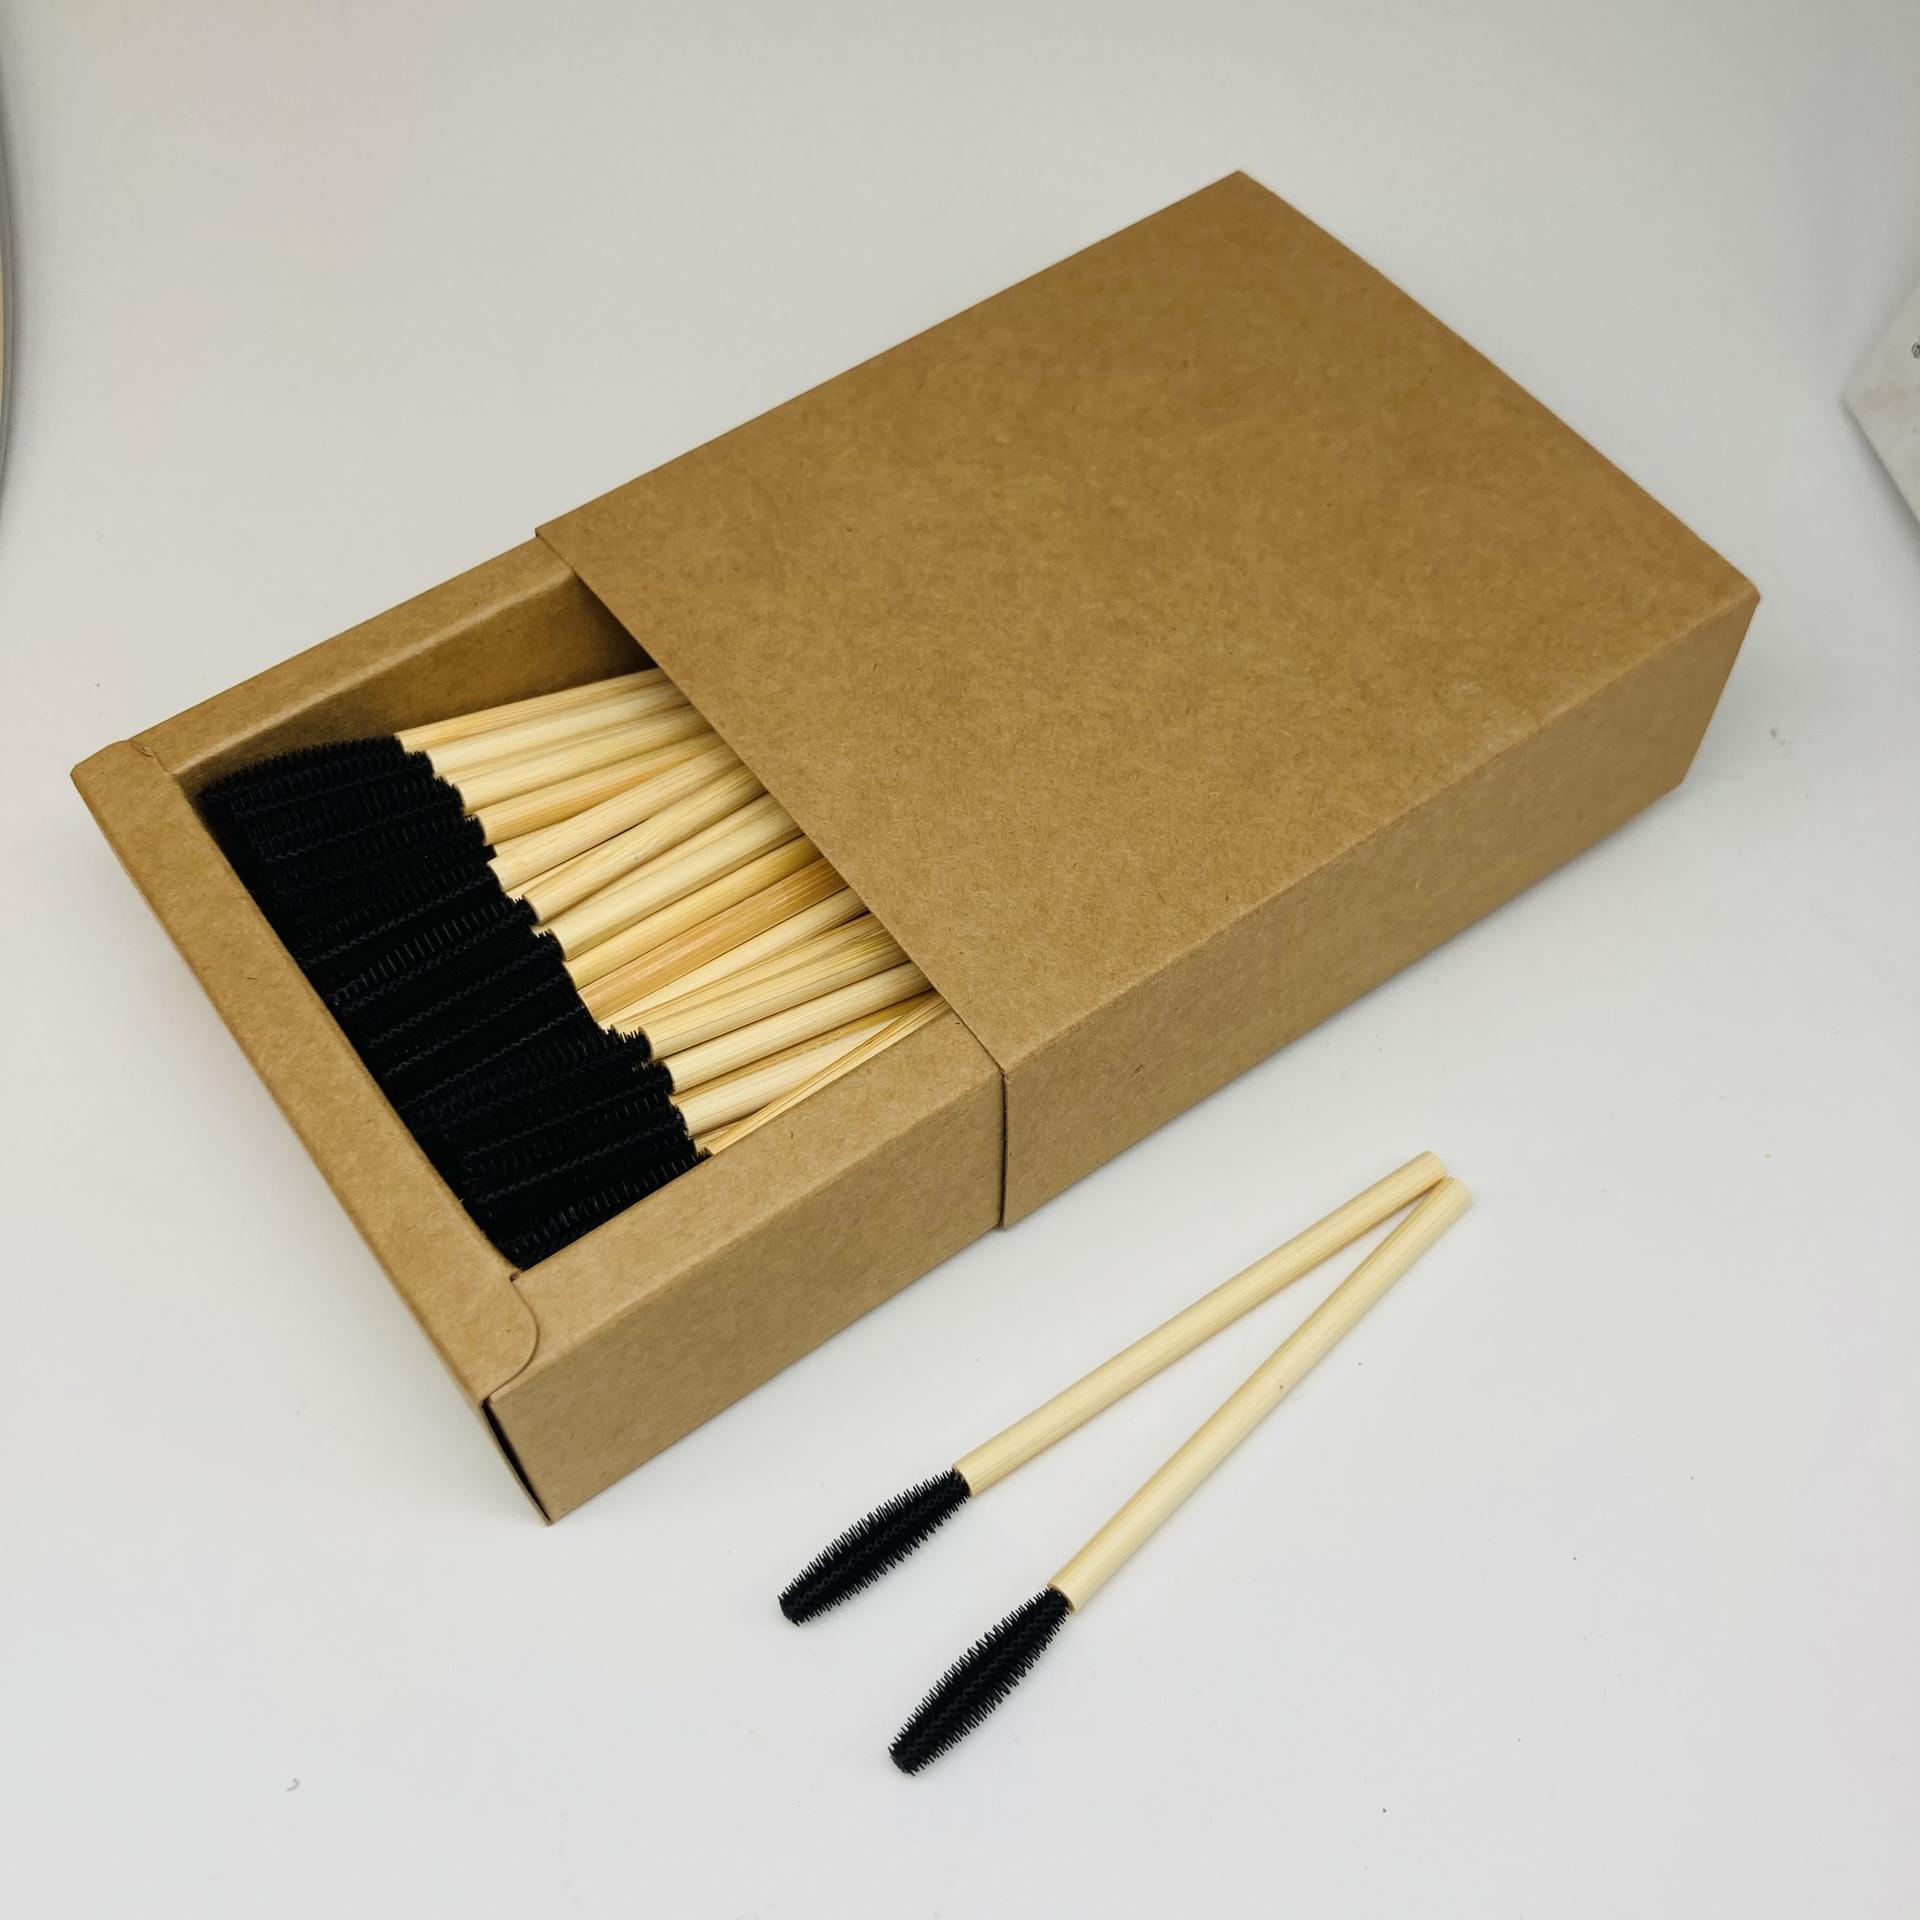 2021 eyelash brush nylon hair tapper shape mascara applicator brush set